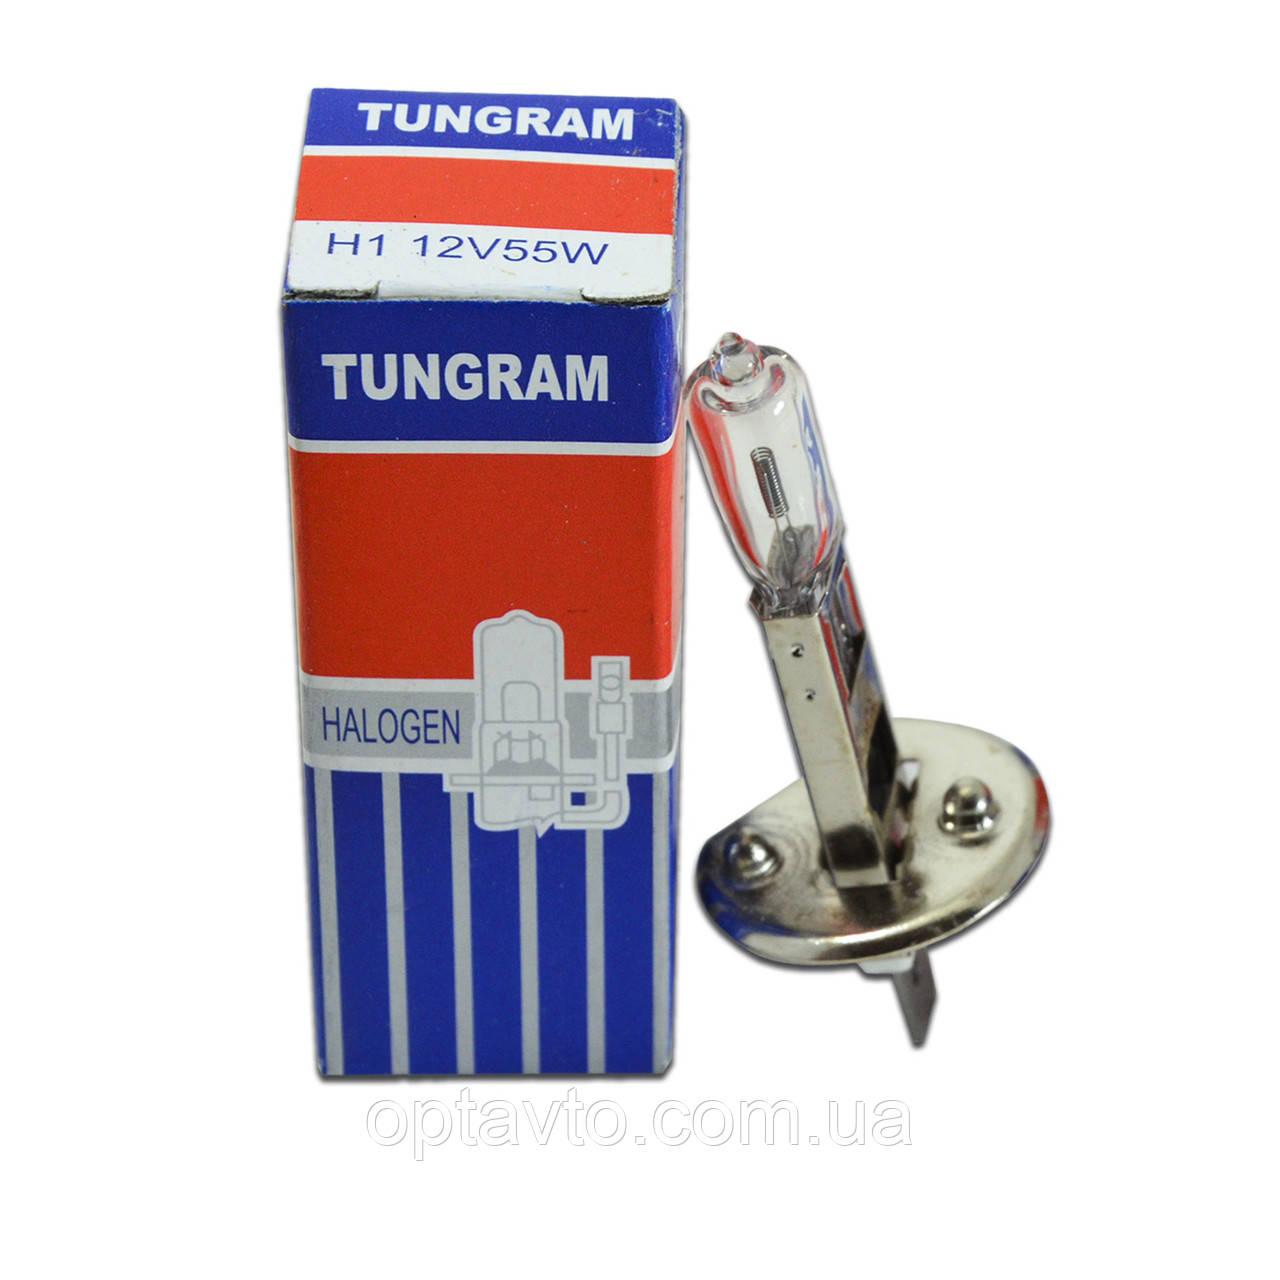 Легковая H1 12V 55W  Лампа TUNGRAM Strong Ligt